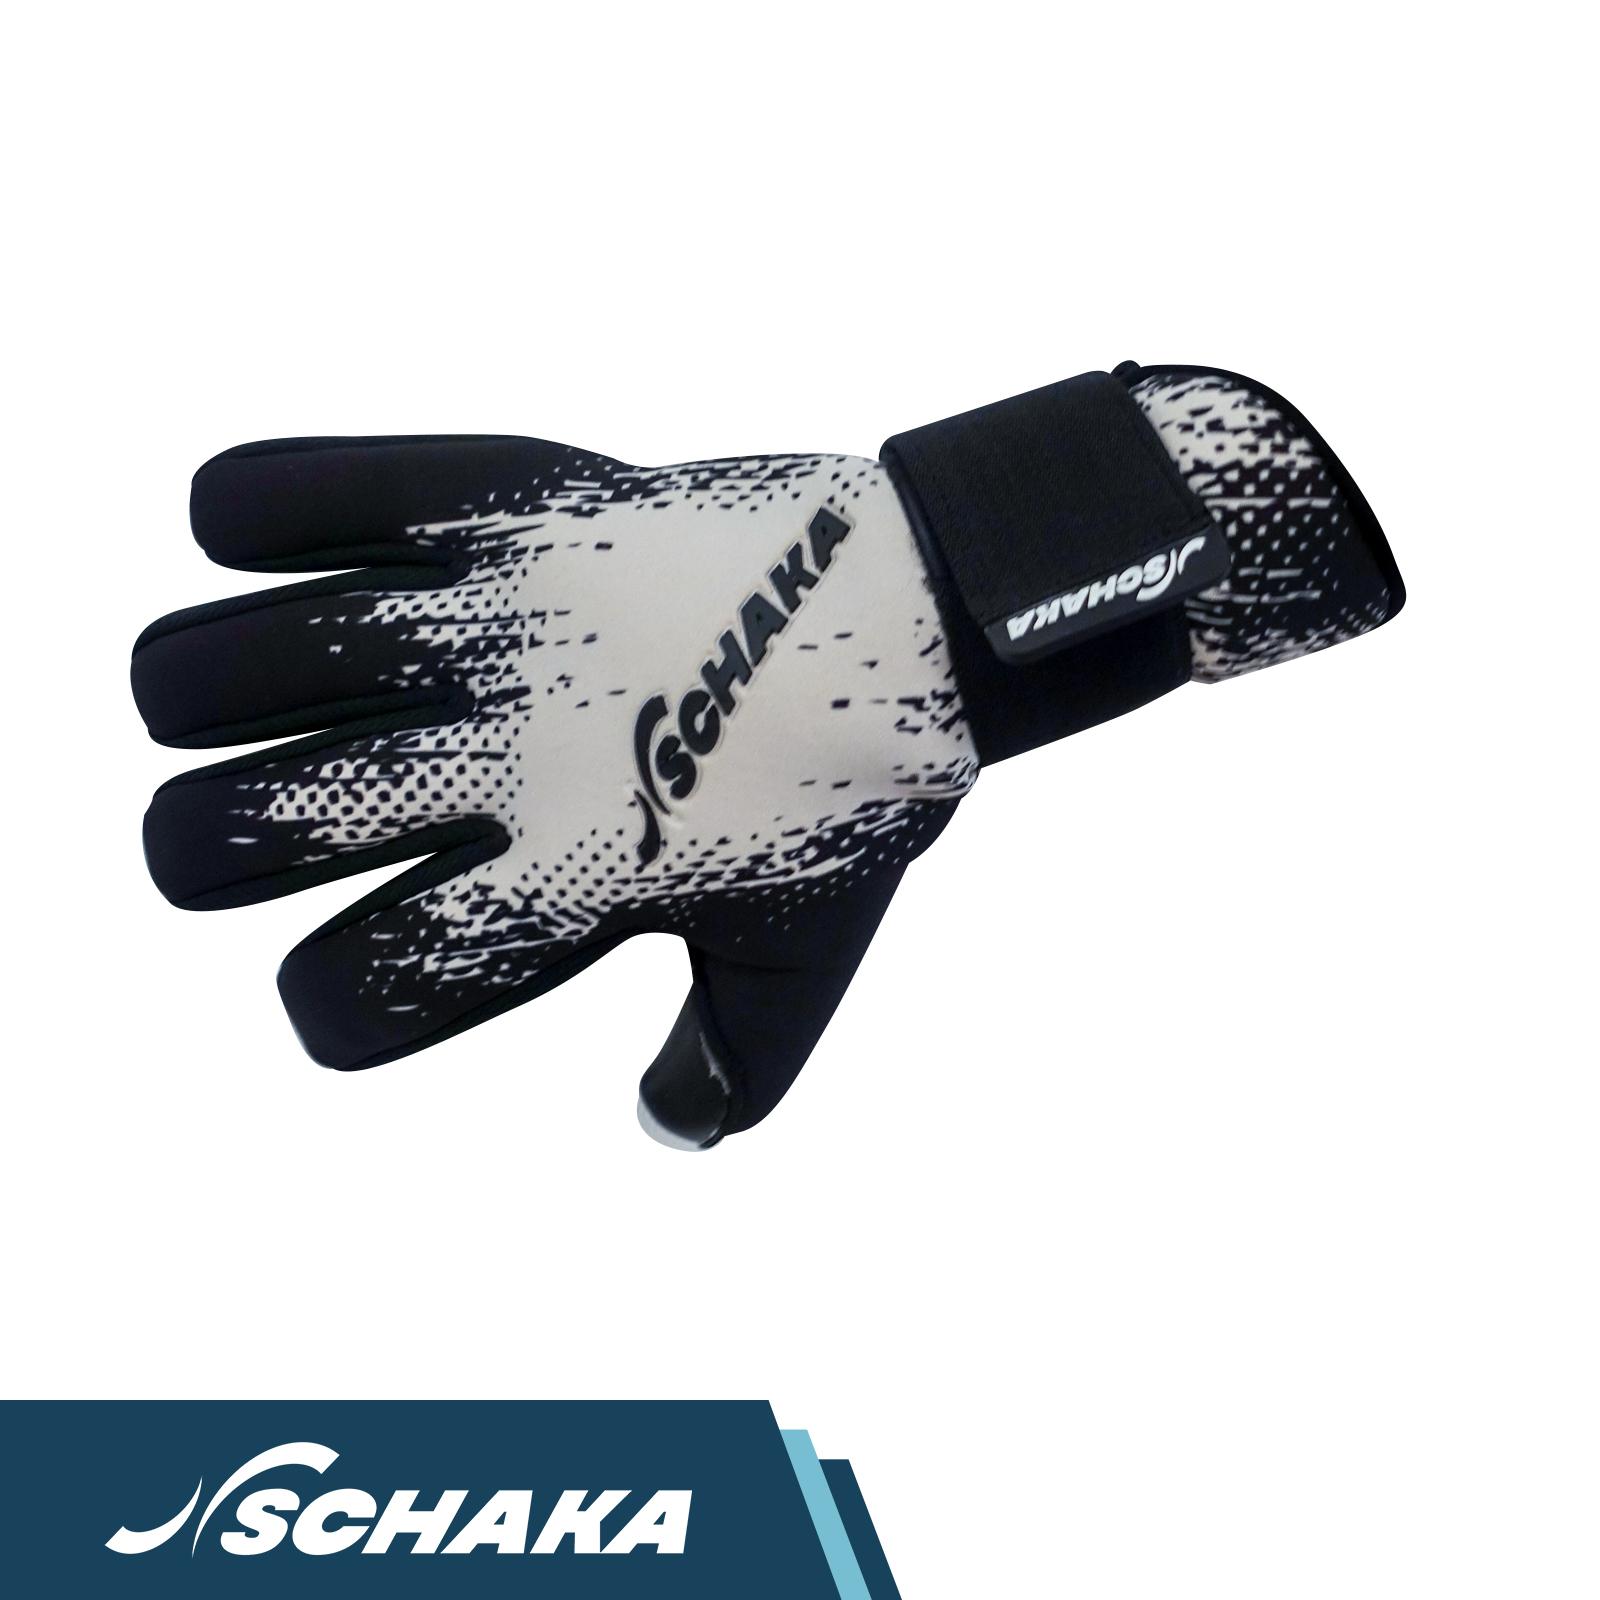 Schaka Goalkeeper Gloves MUA